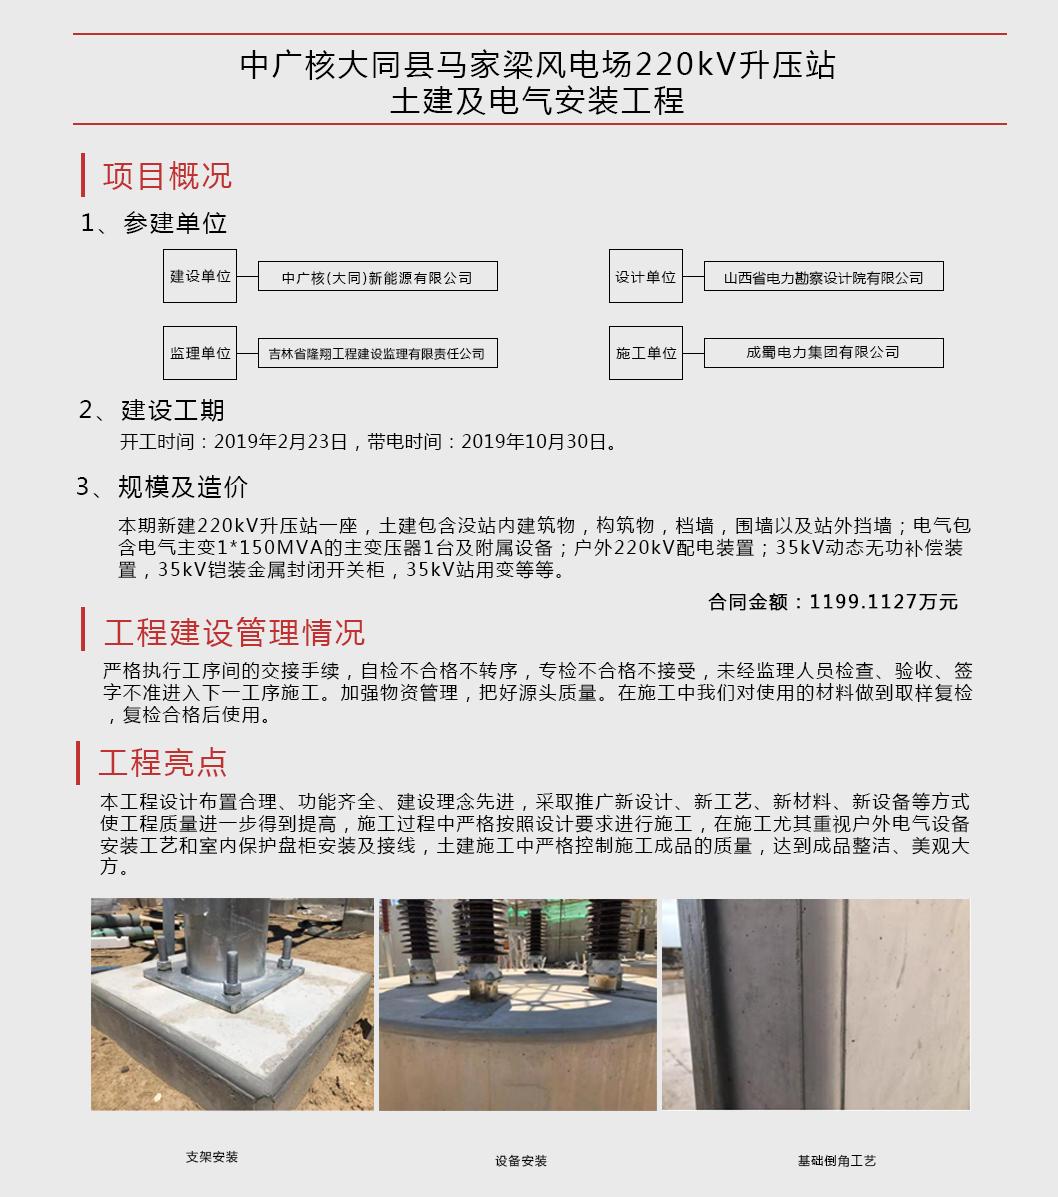 中广核大同县马家梁风电场220kV升压站土建及电气安装工程